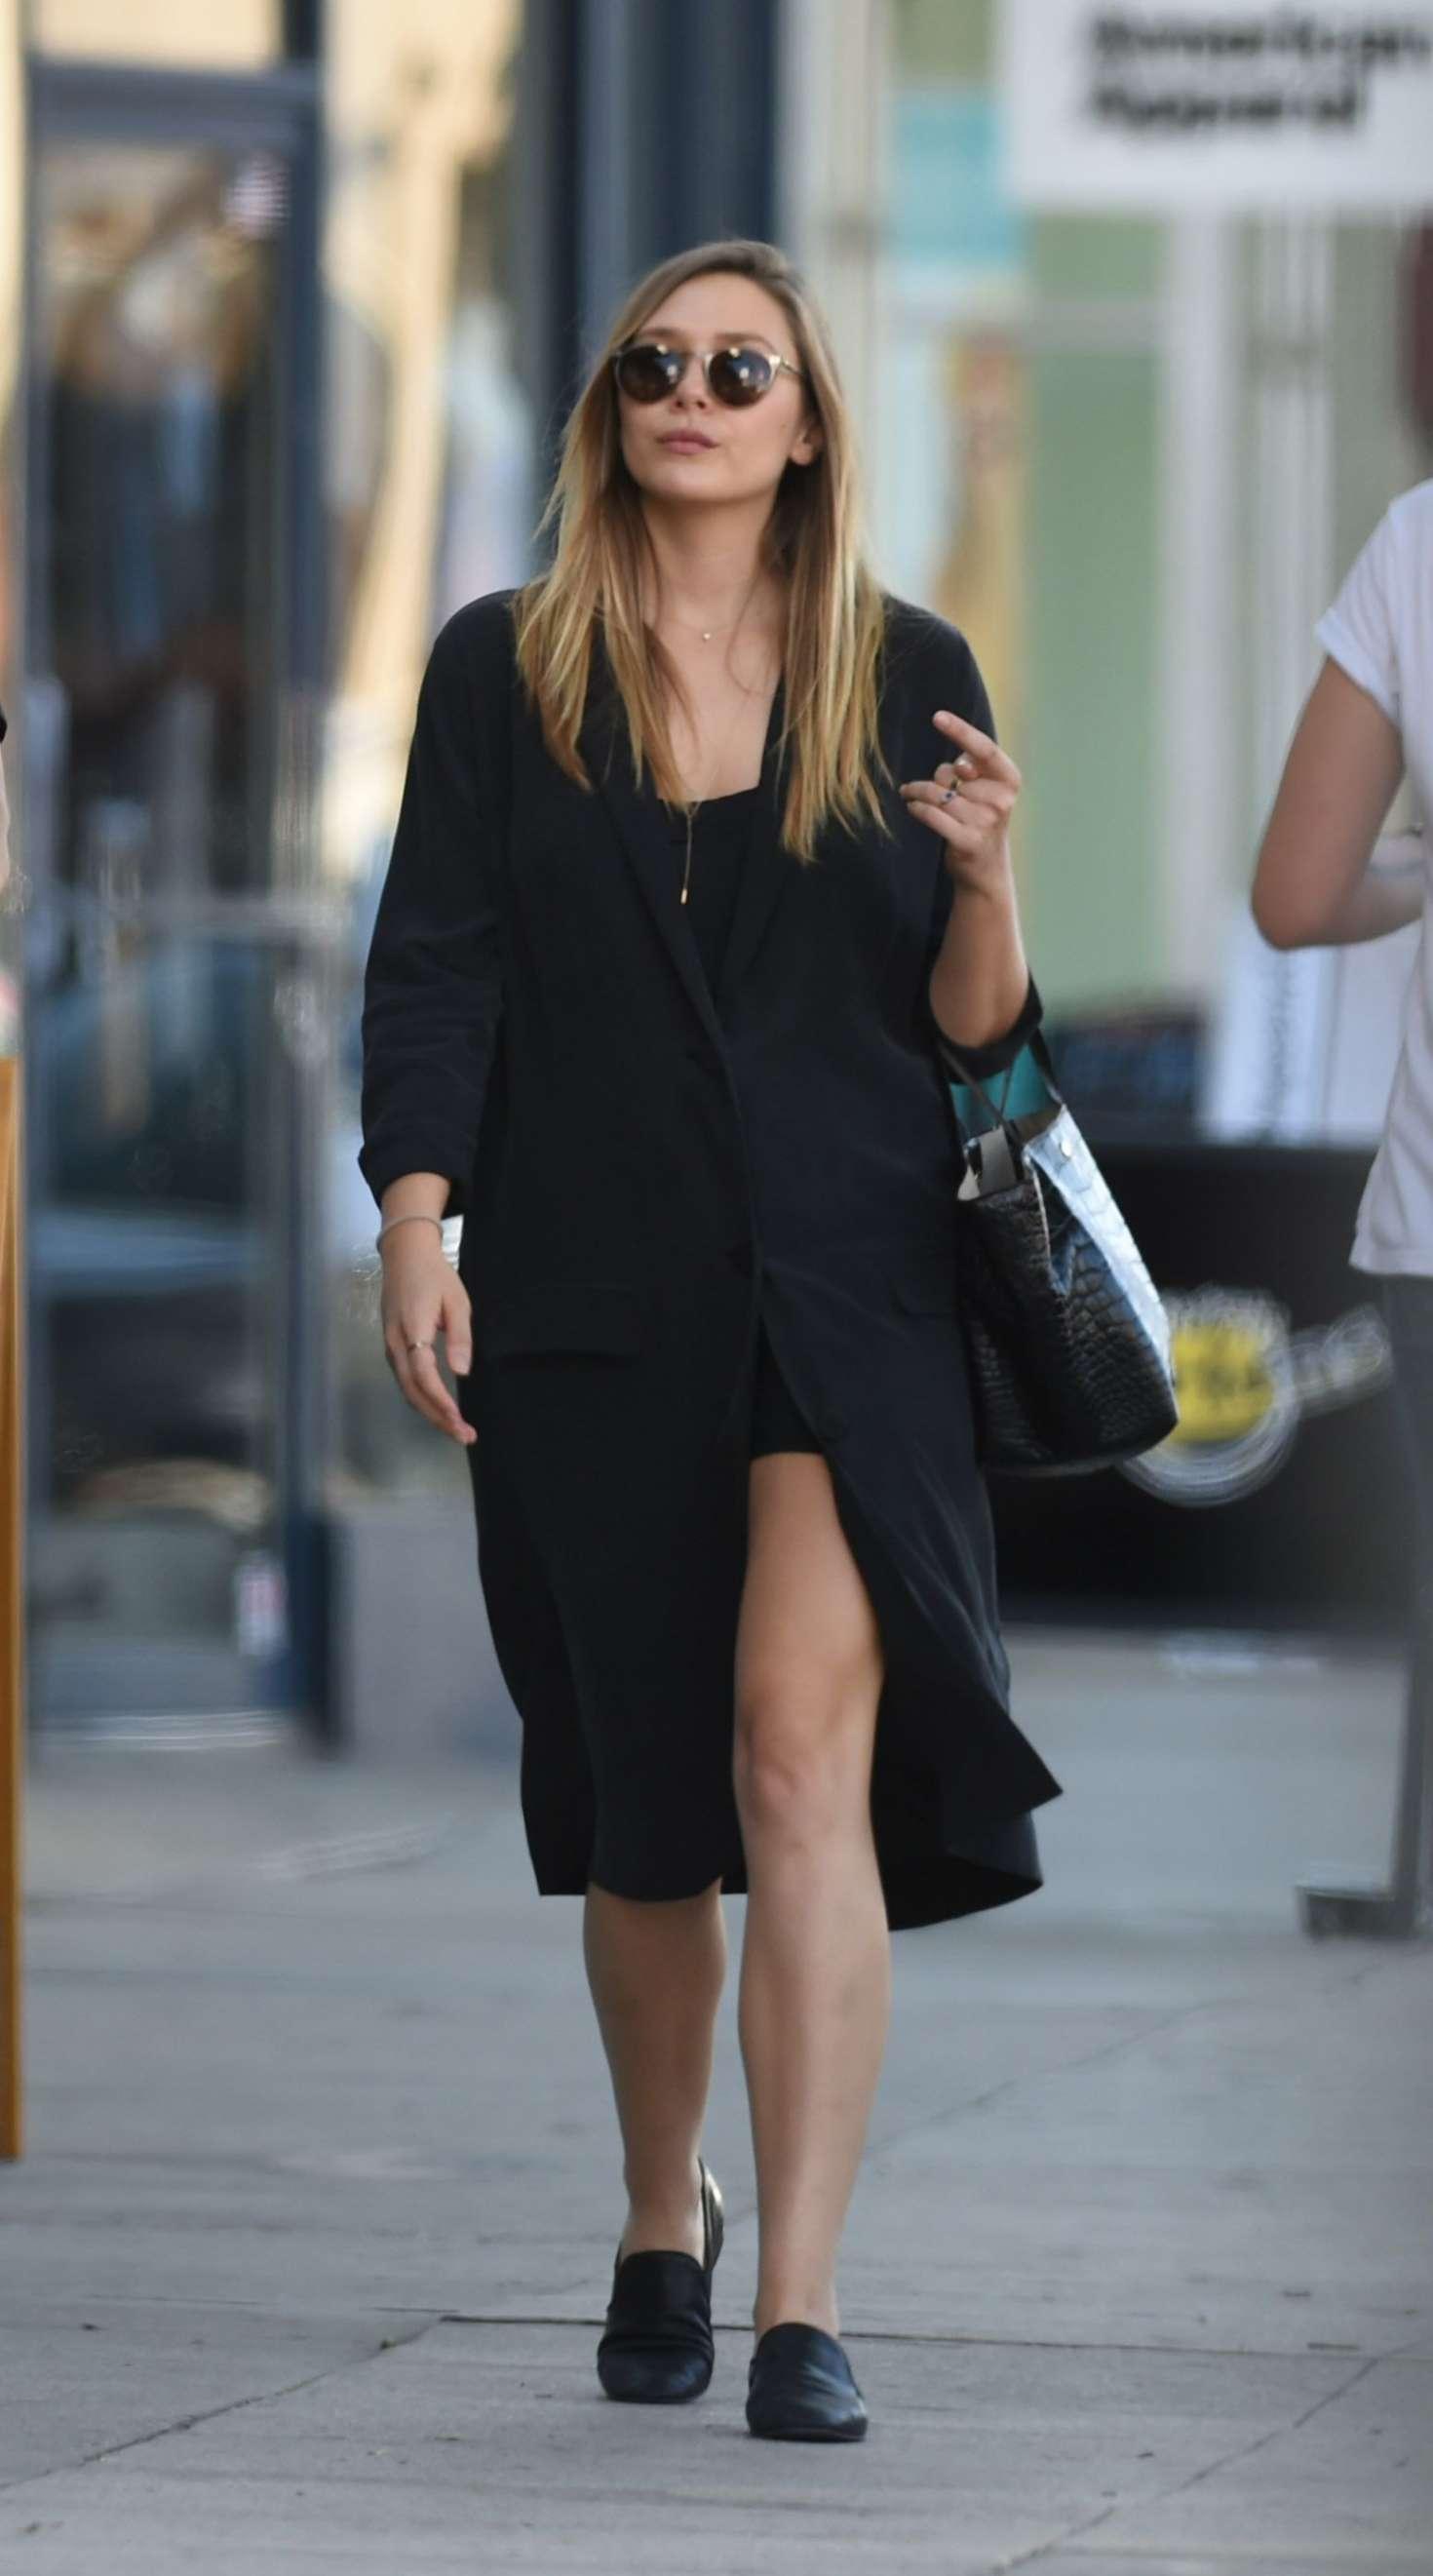 Elizabeth Olsen in Black Coat out in NY